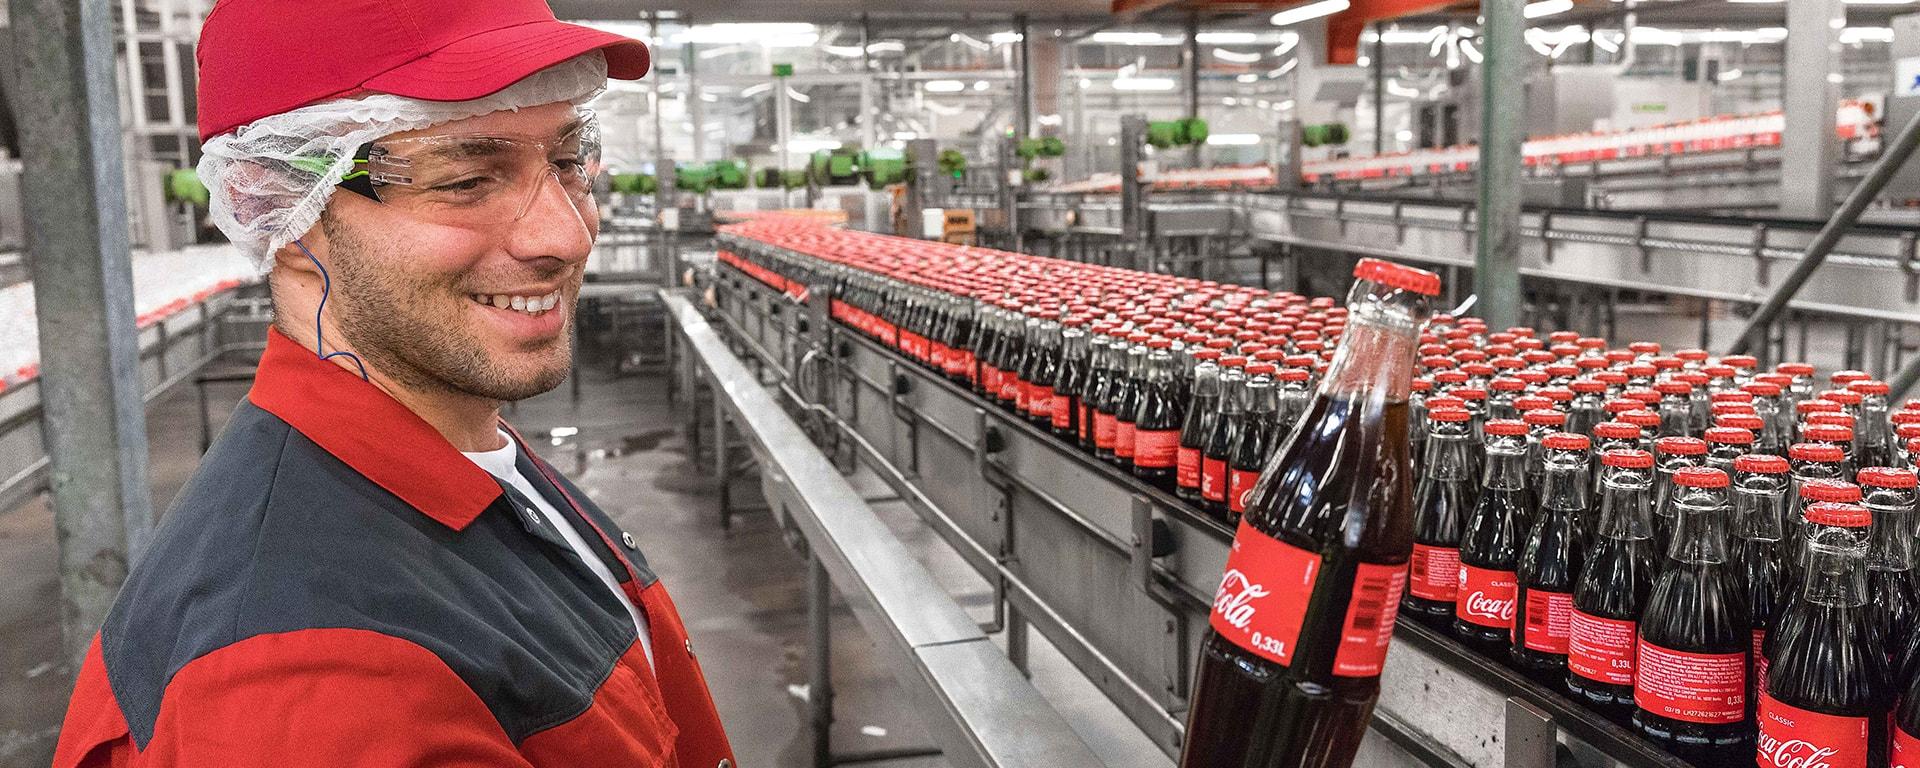 ligne de produits bouteille coca cola header image